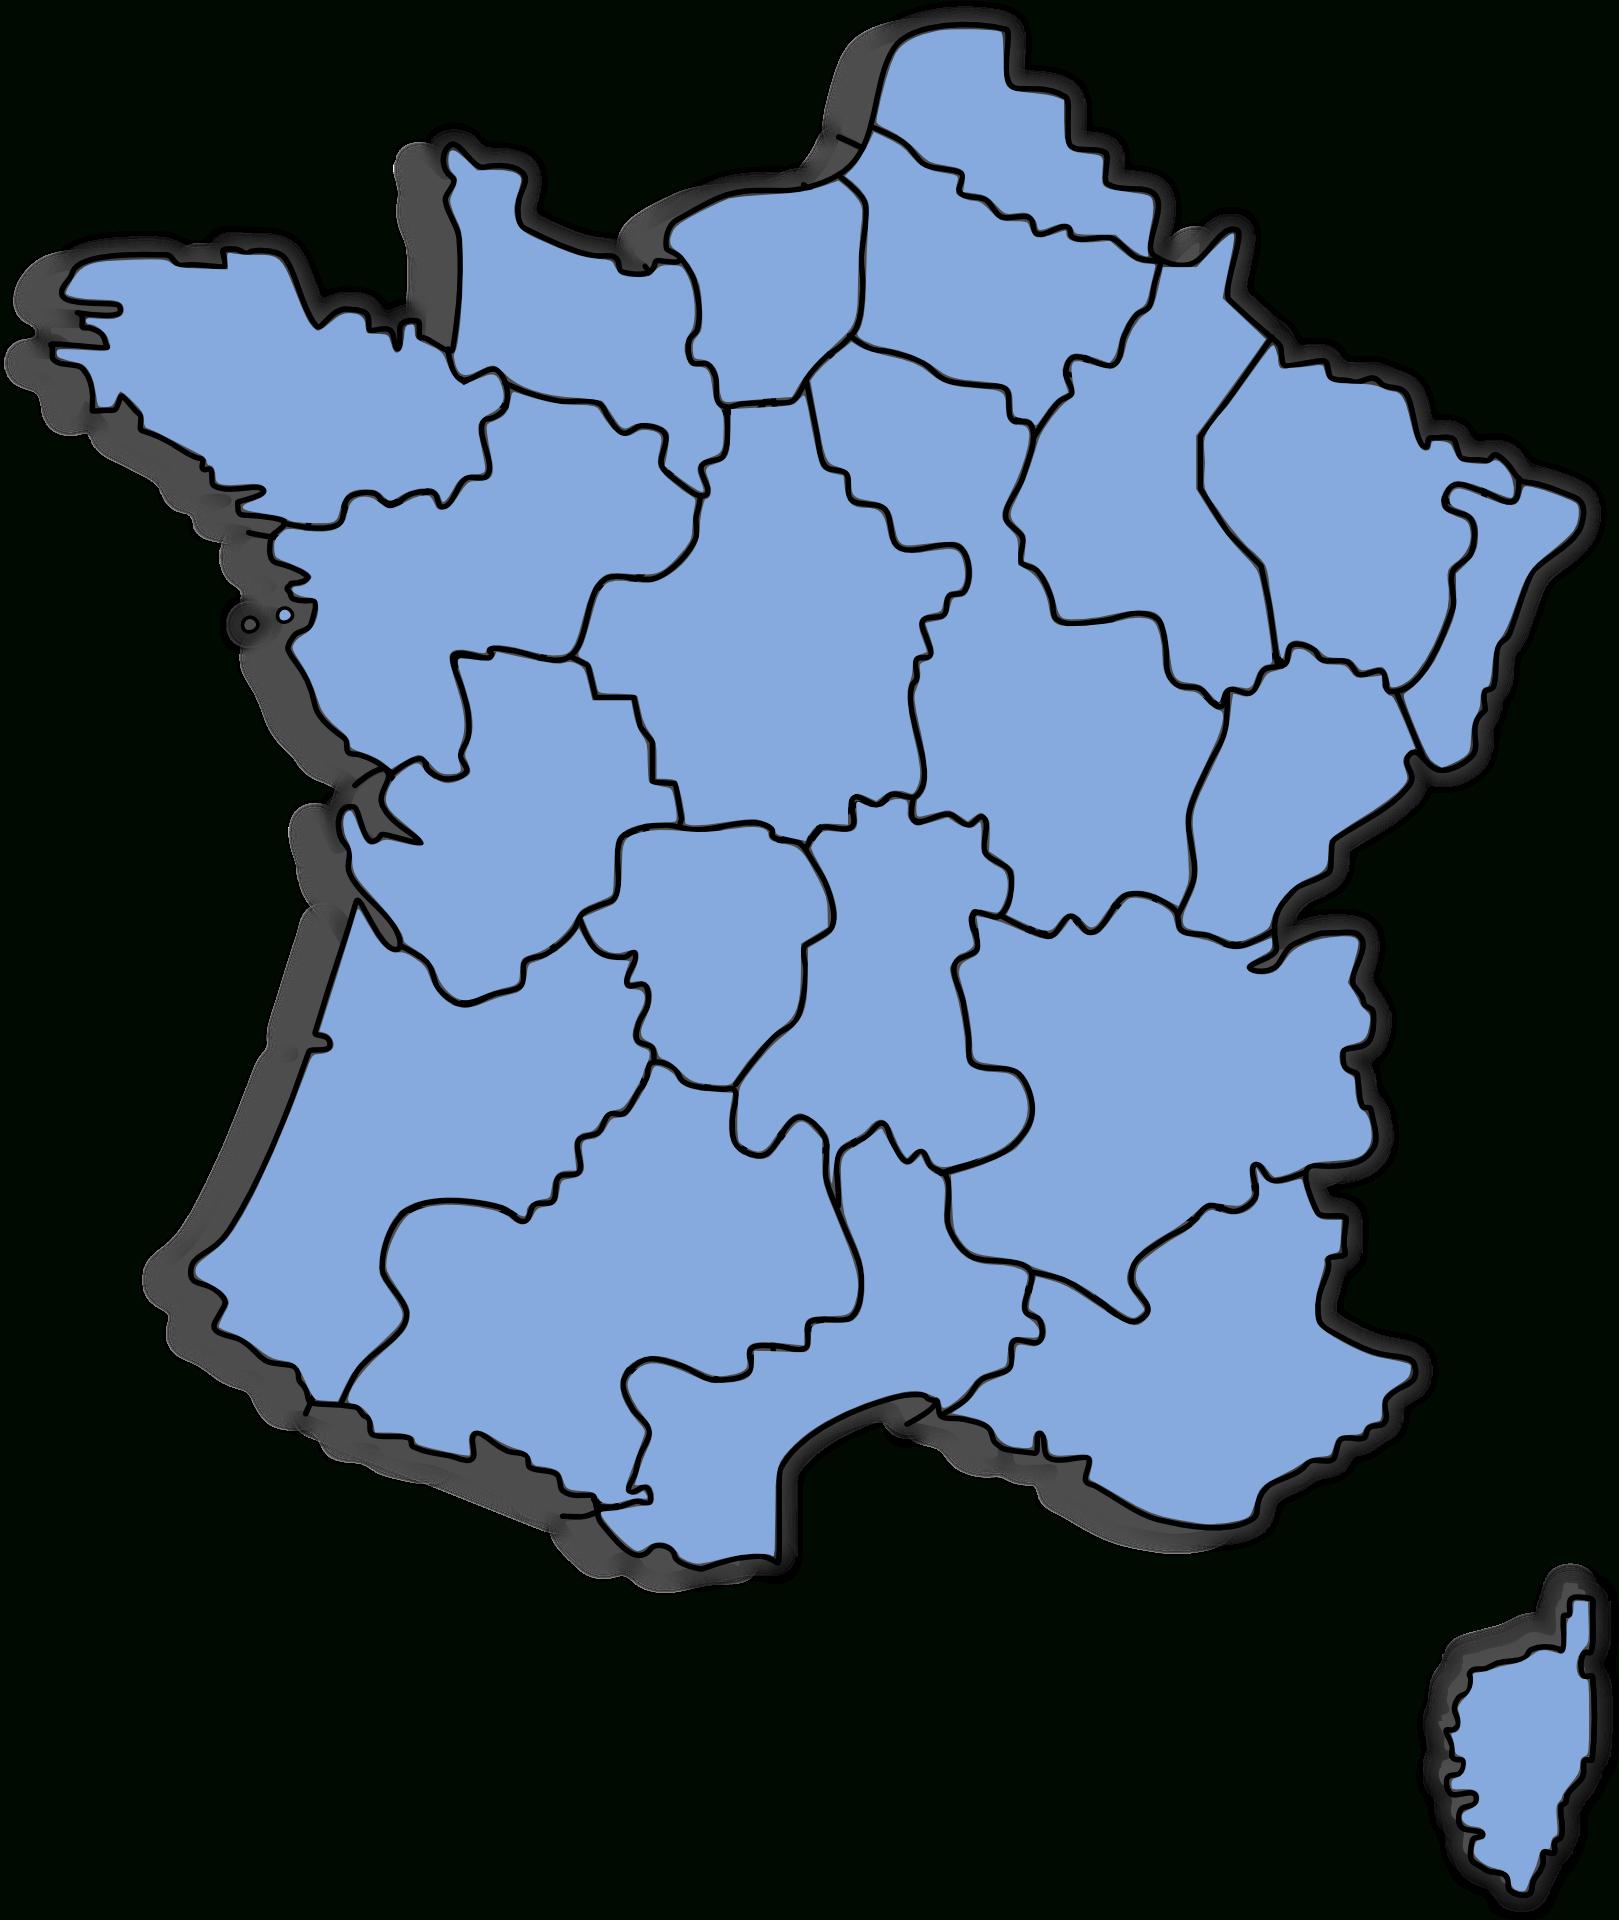 File:carte Départements France - Wikimedia Commons tout Departement Francais Carte